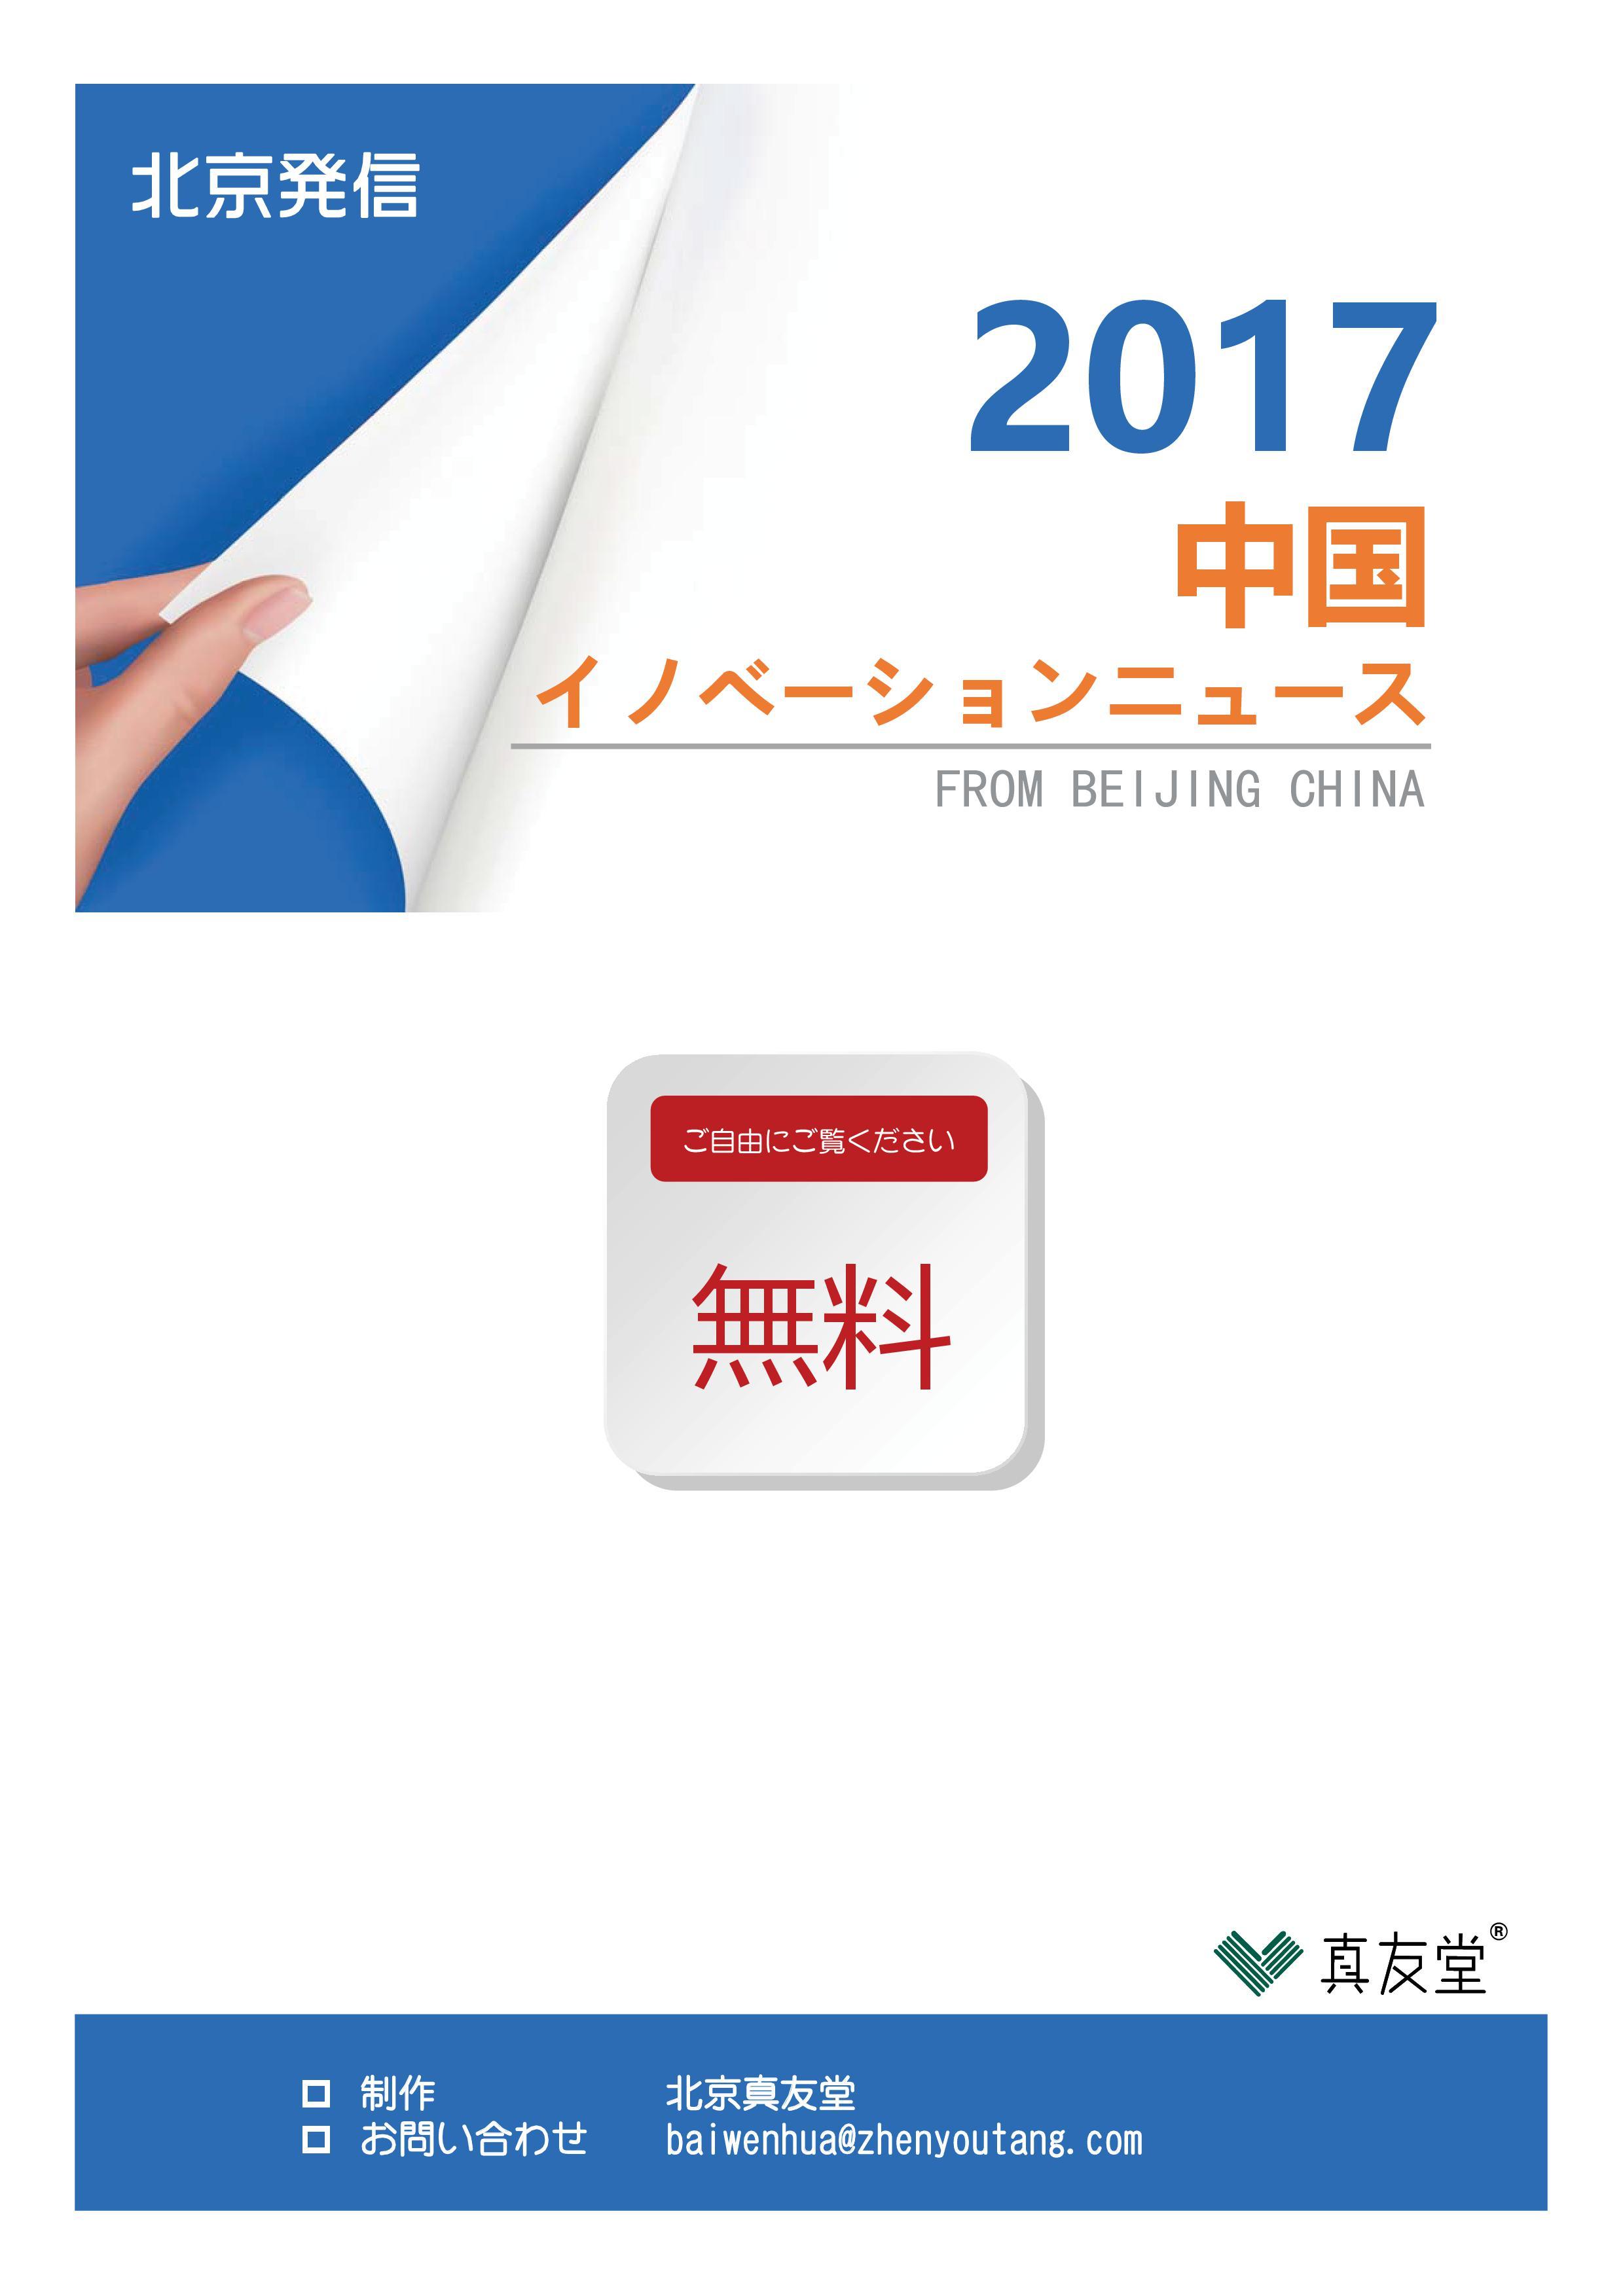 【無料公開】中国イノベーションニュース2017